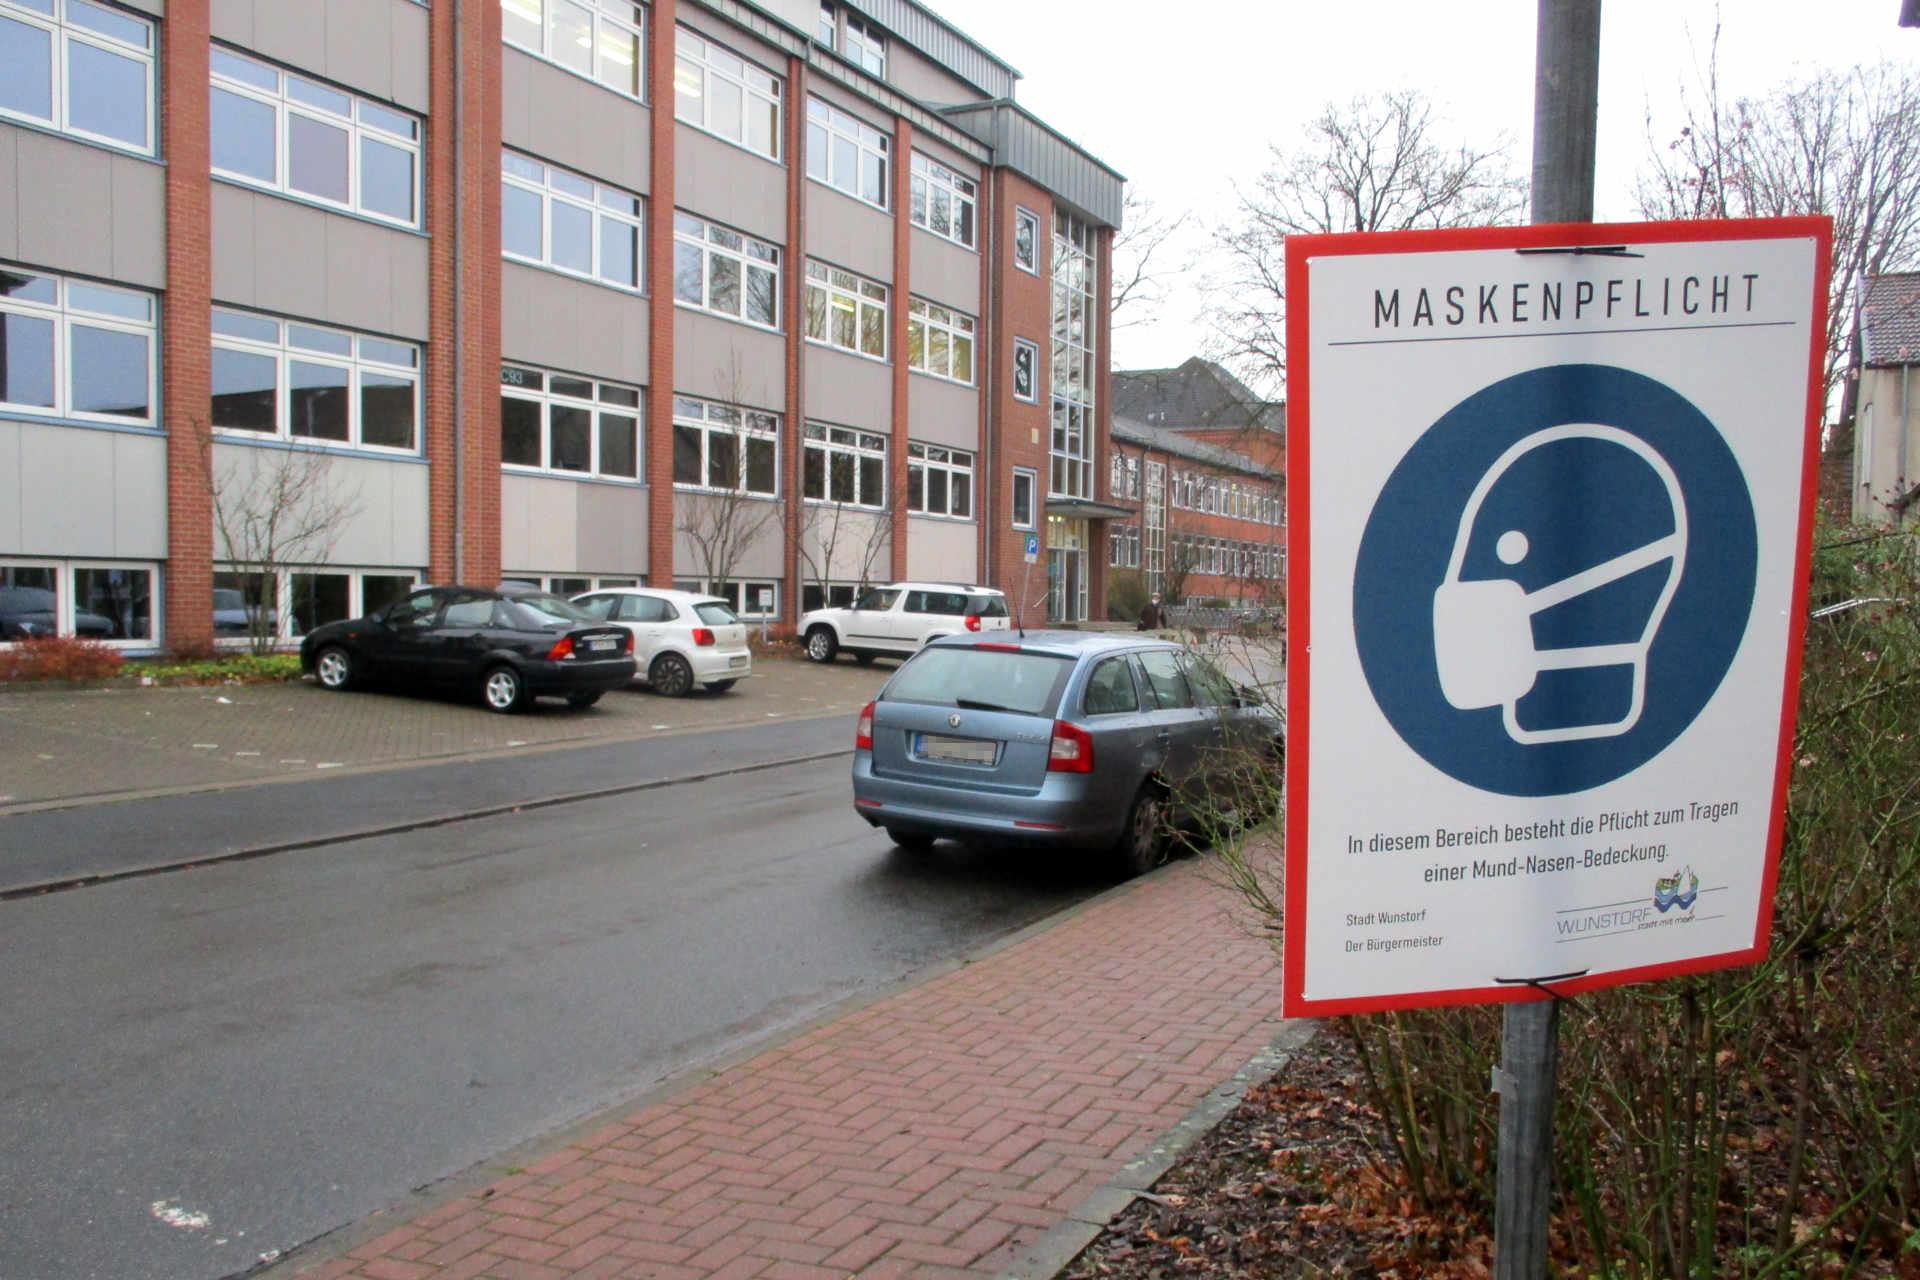 Maskenpflicht am Hölty-Gymnasium